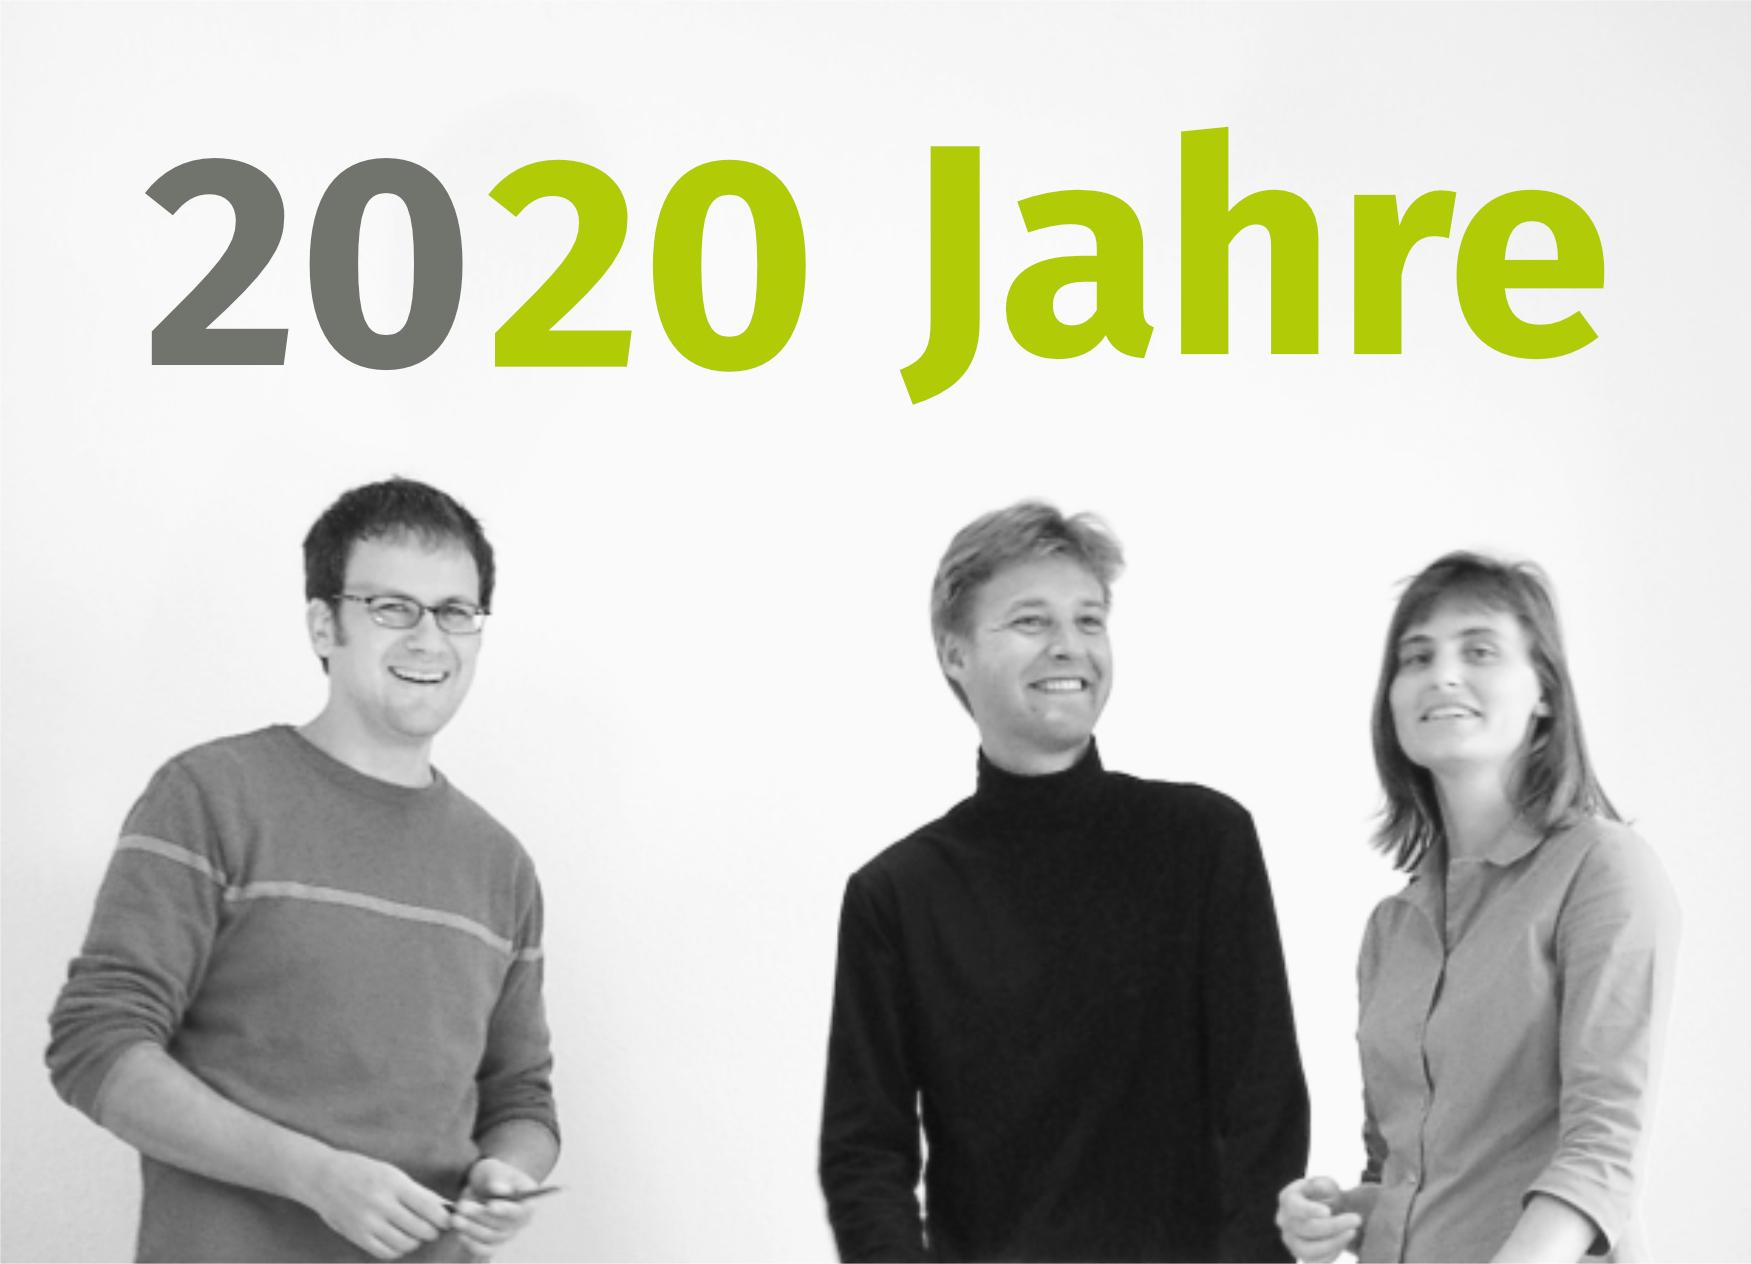 Bild: Die drei Gründer Wenk, Rümpelein, Kröniger von ver.de vor 20 Jahren, Foto: ver.de